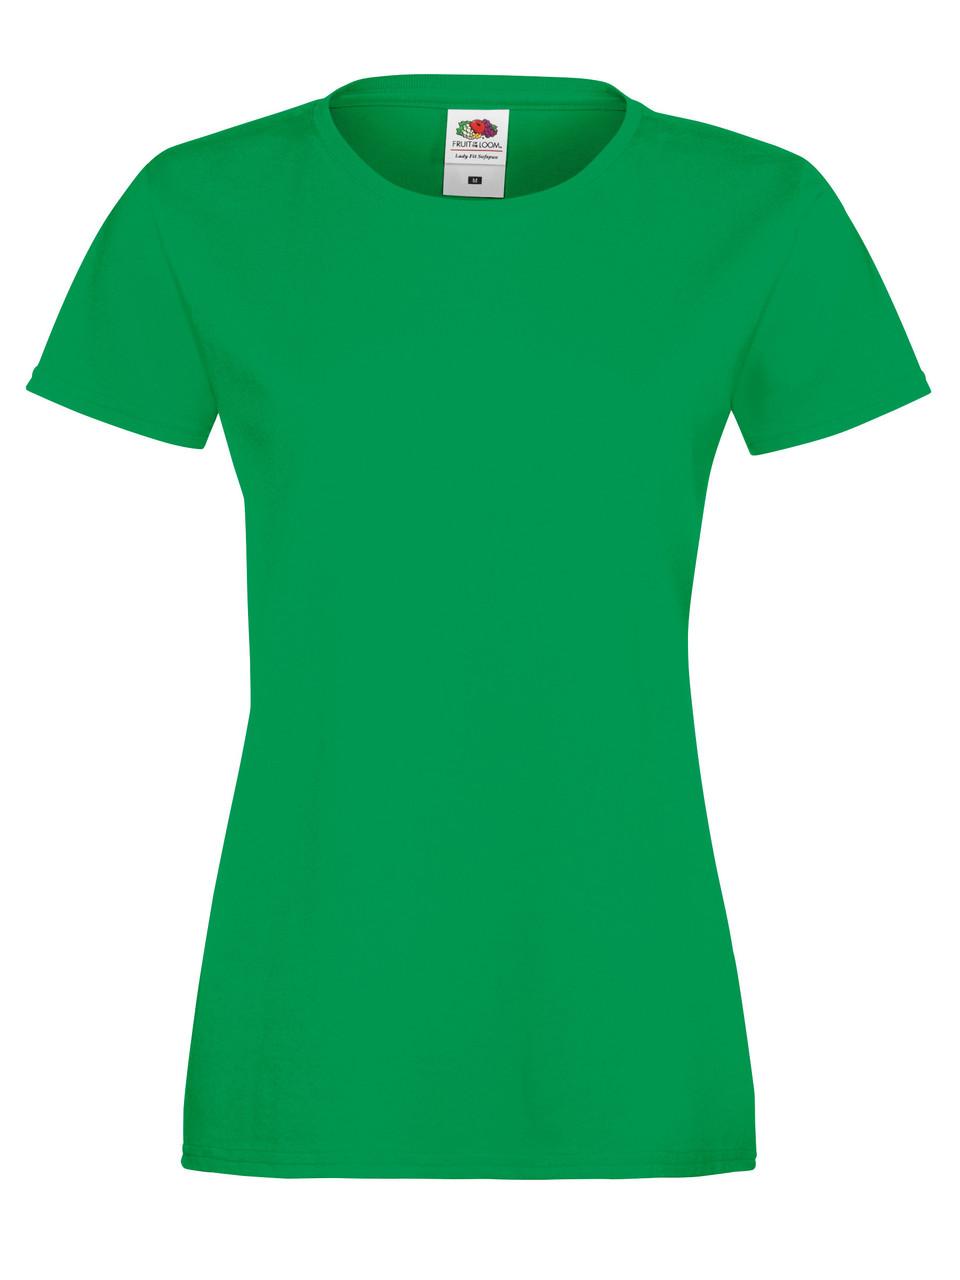 Женская Футболка Мягкая Ярко-зелёная Fruit of the loom 61-414-47 XL